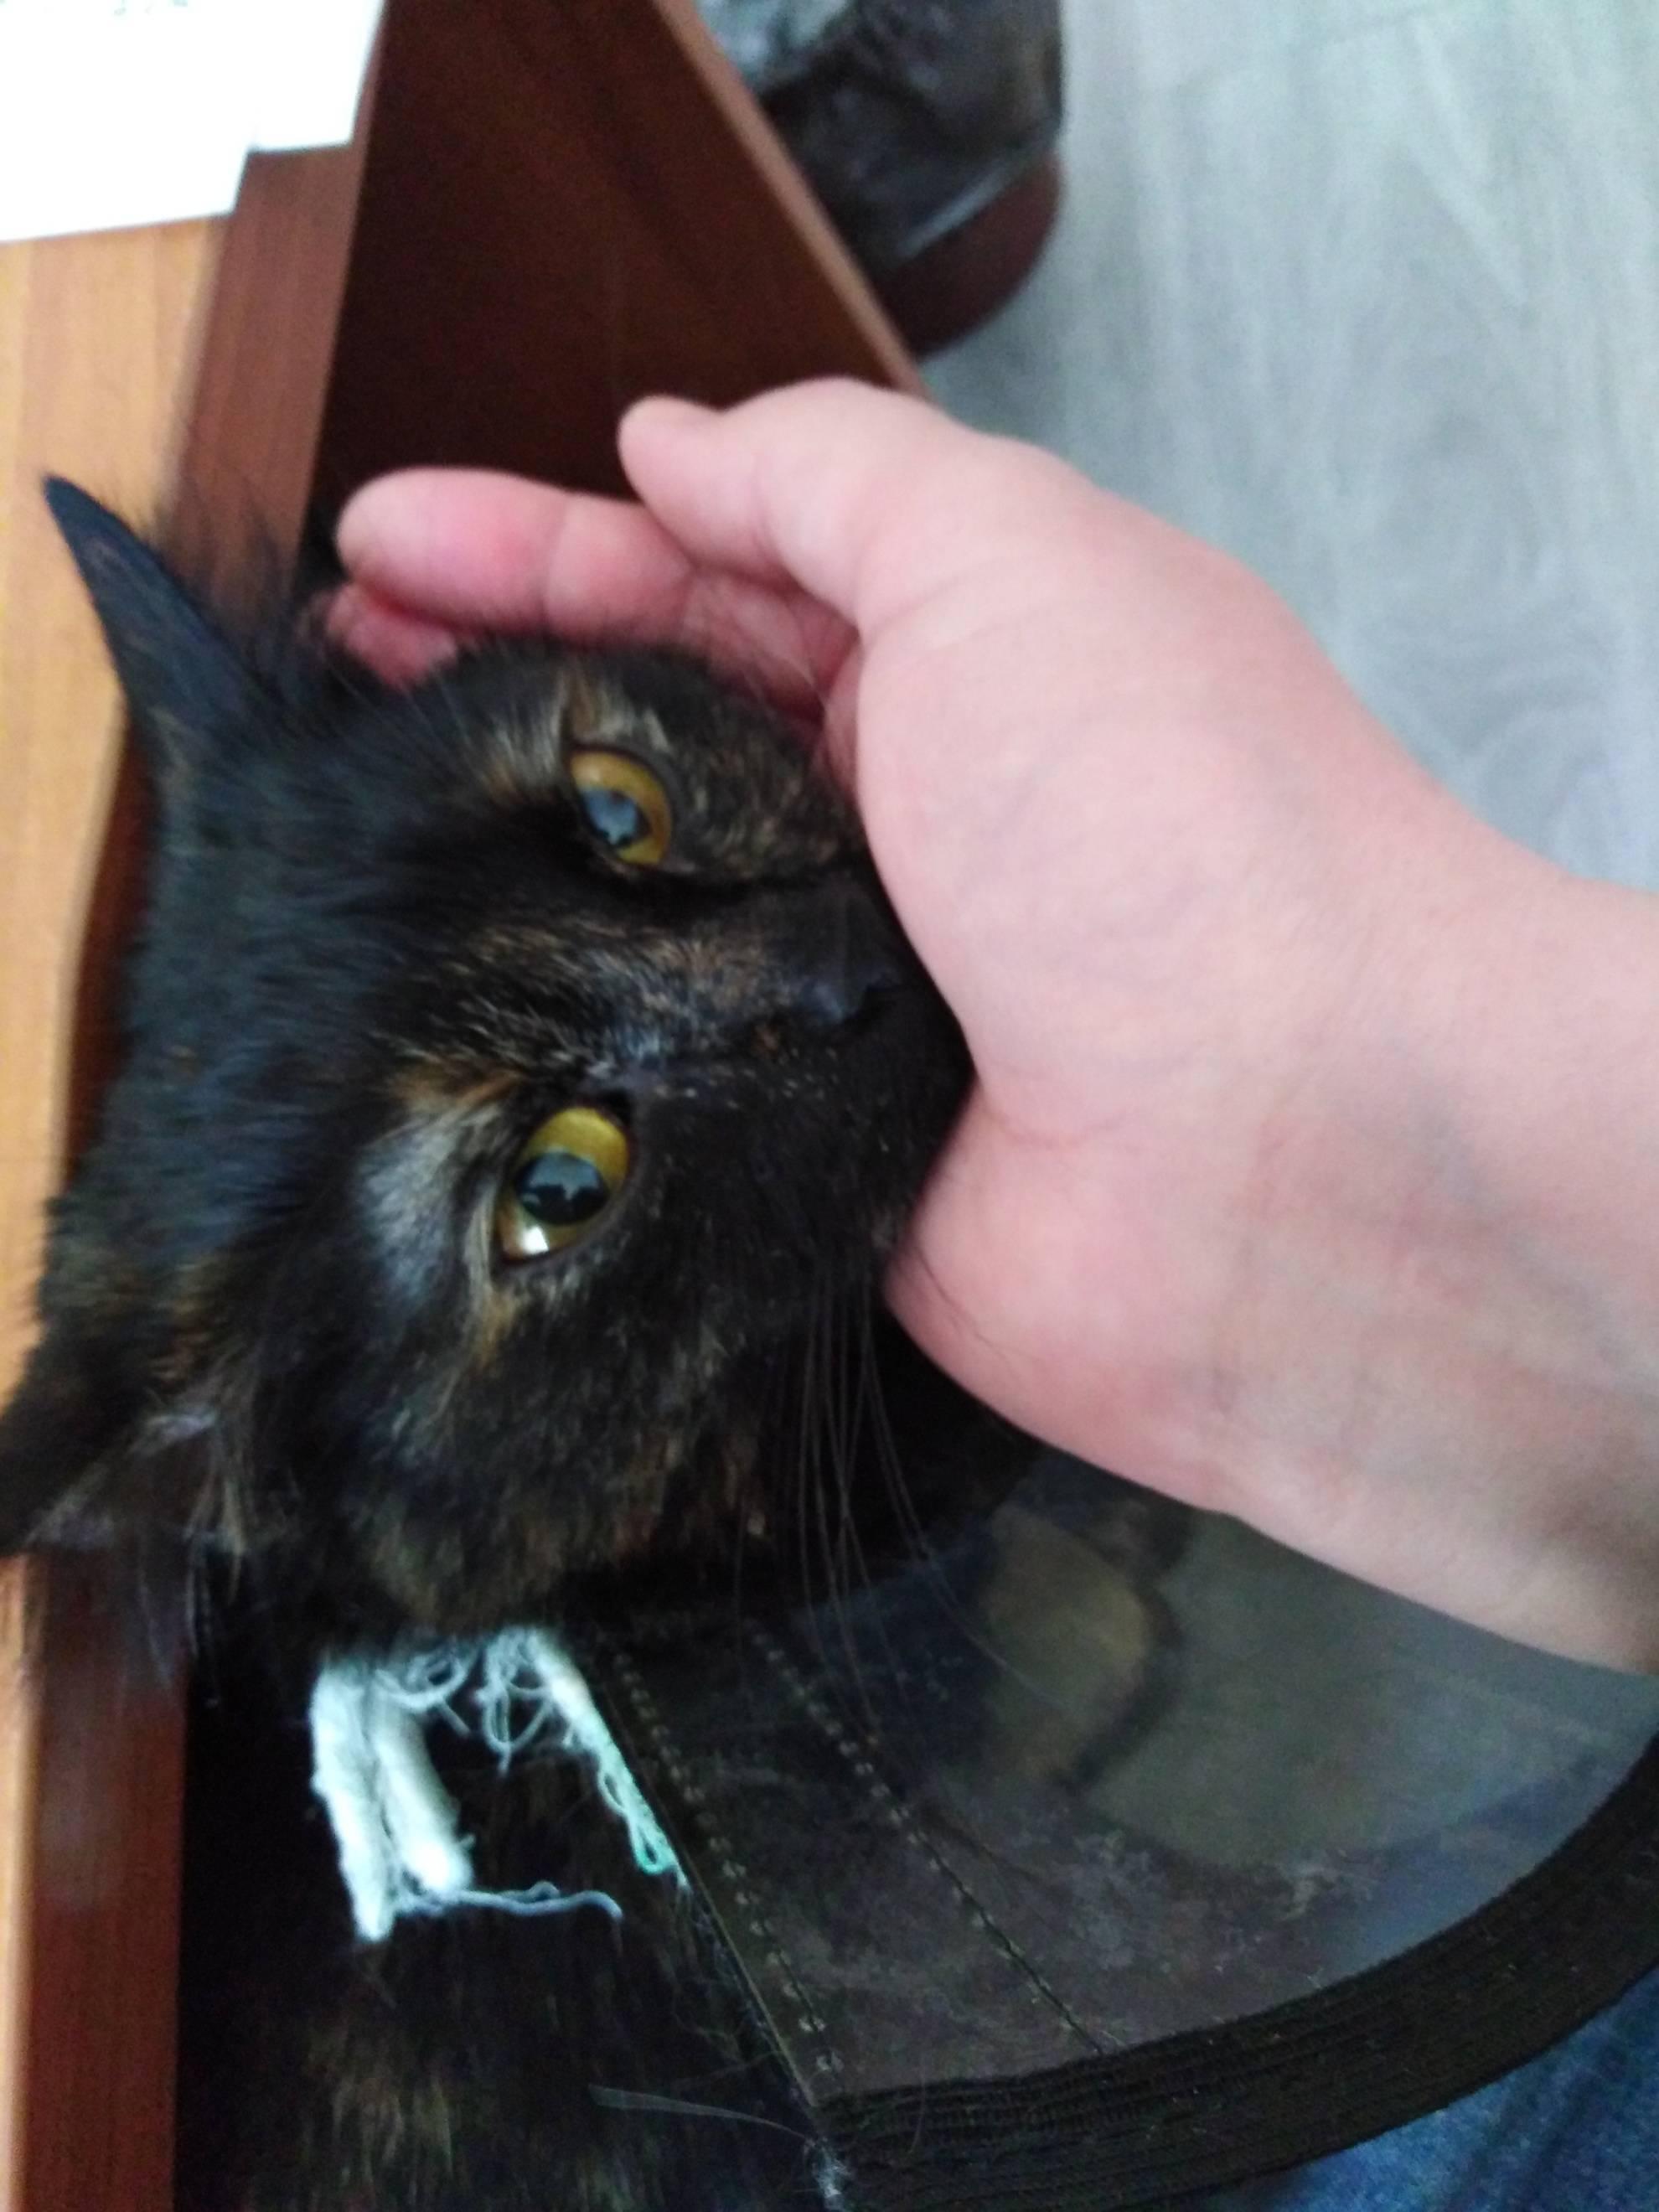 Могут ли холодные уши у кошки быть симптомом заболевания?